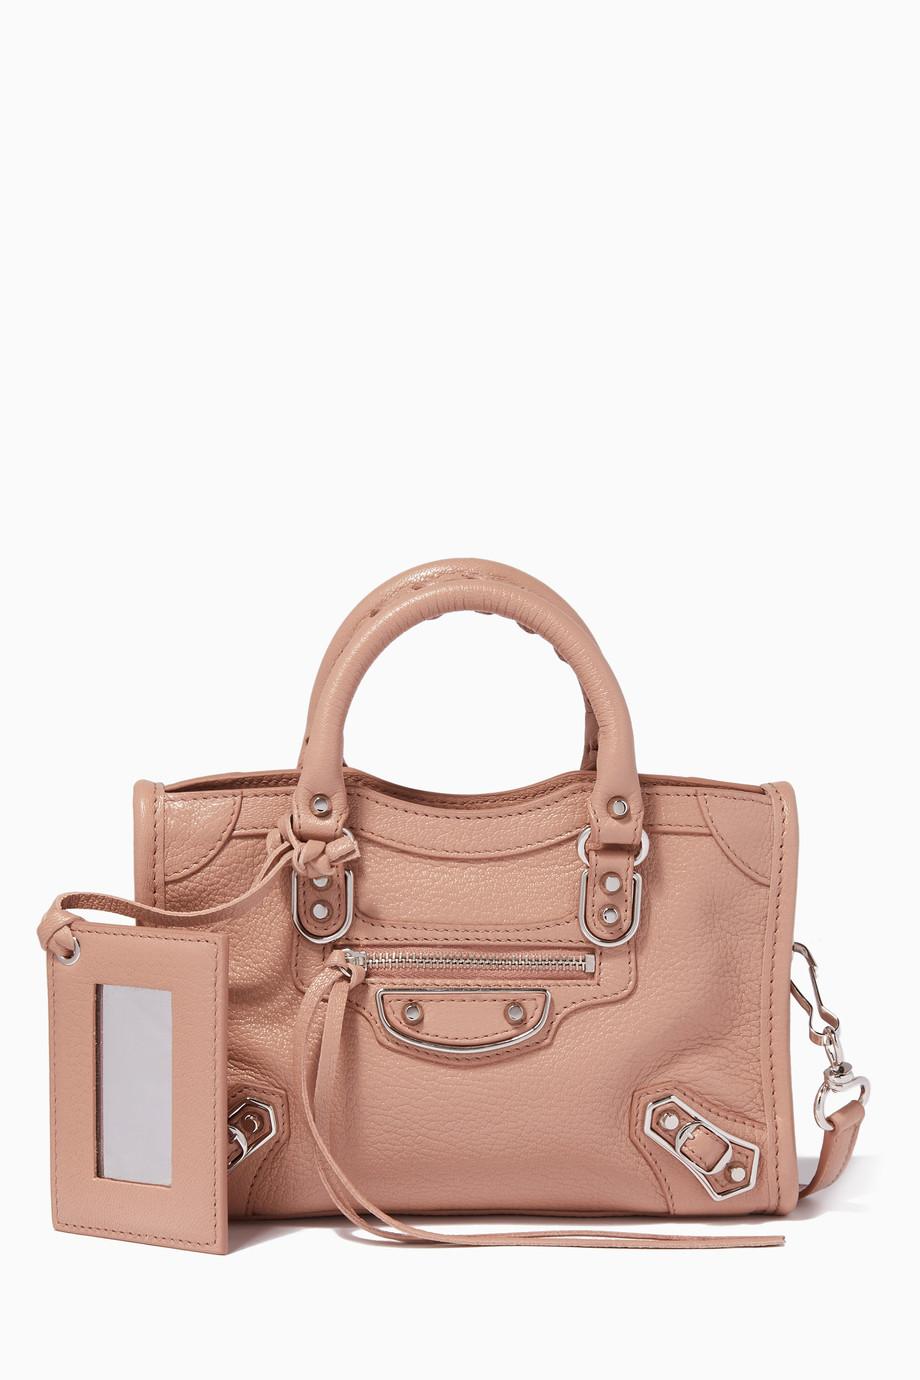 pas cher pour réduction 0549d 21ff5 Shop Balenciaga Pink Rose Des Sables Nano Classic Metallic ...